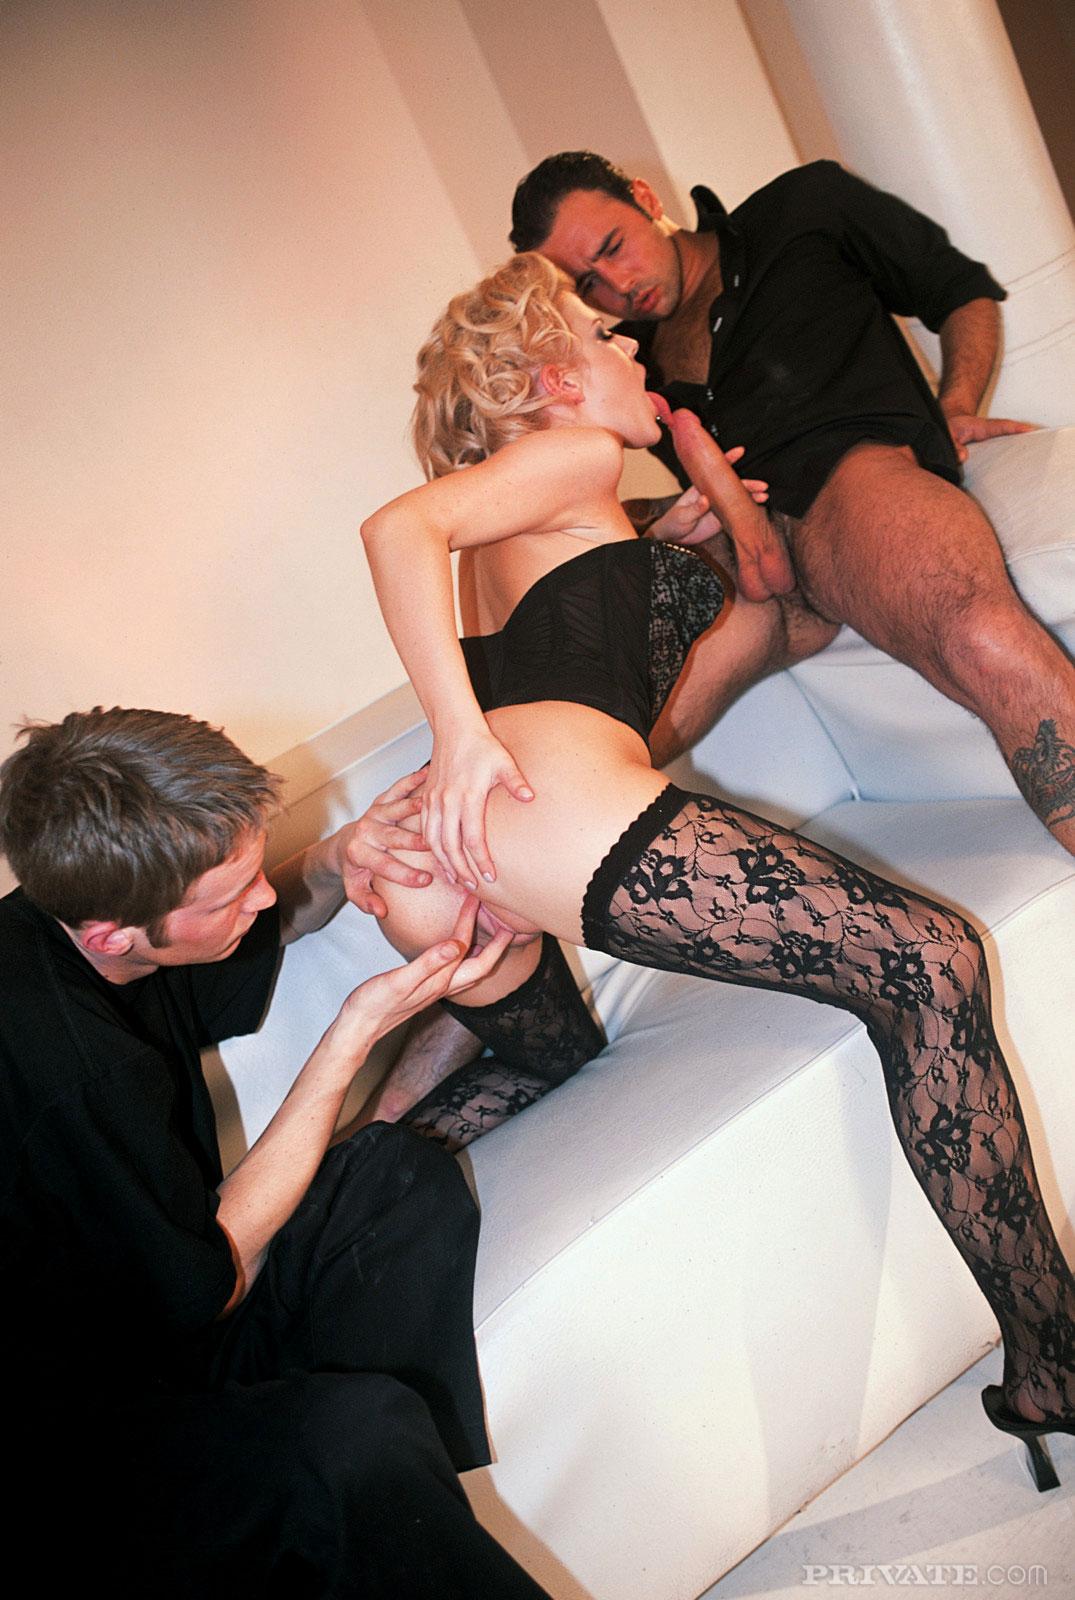 Борделе принуждают в мужиков девушек обслуживать